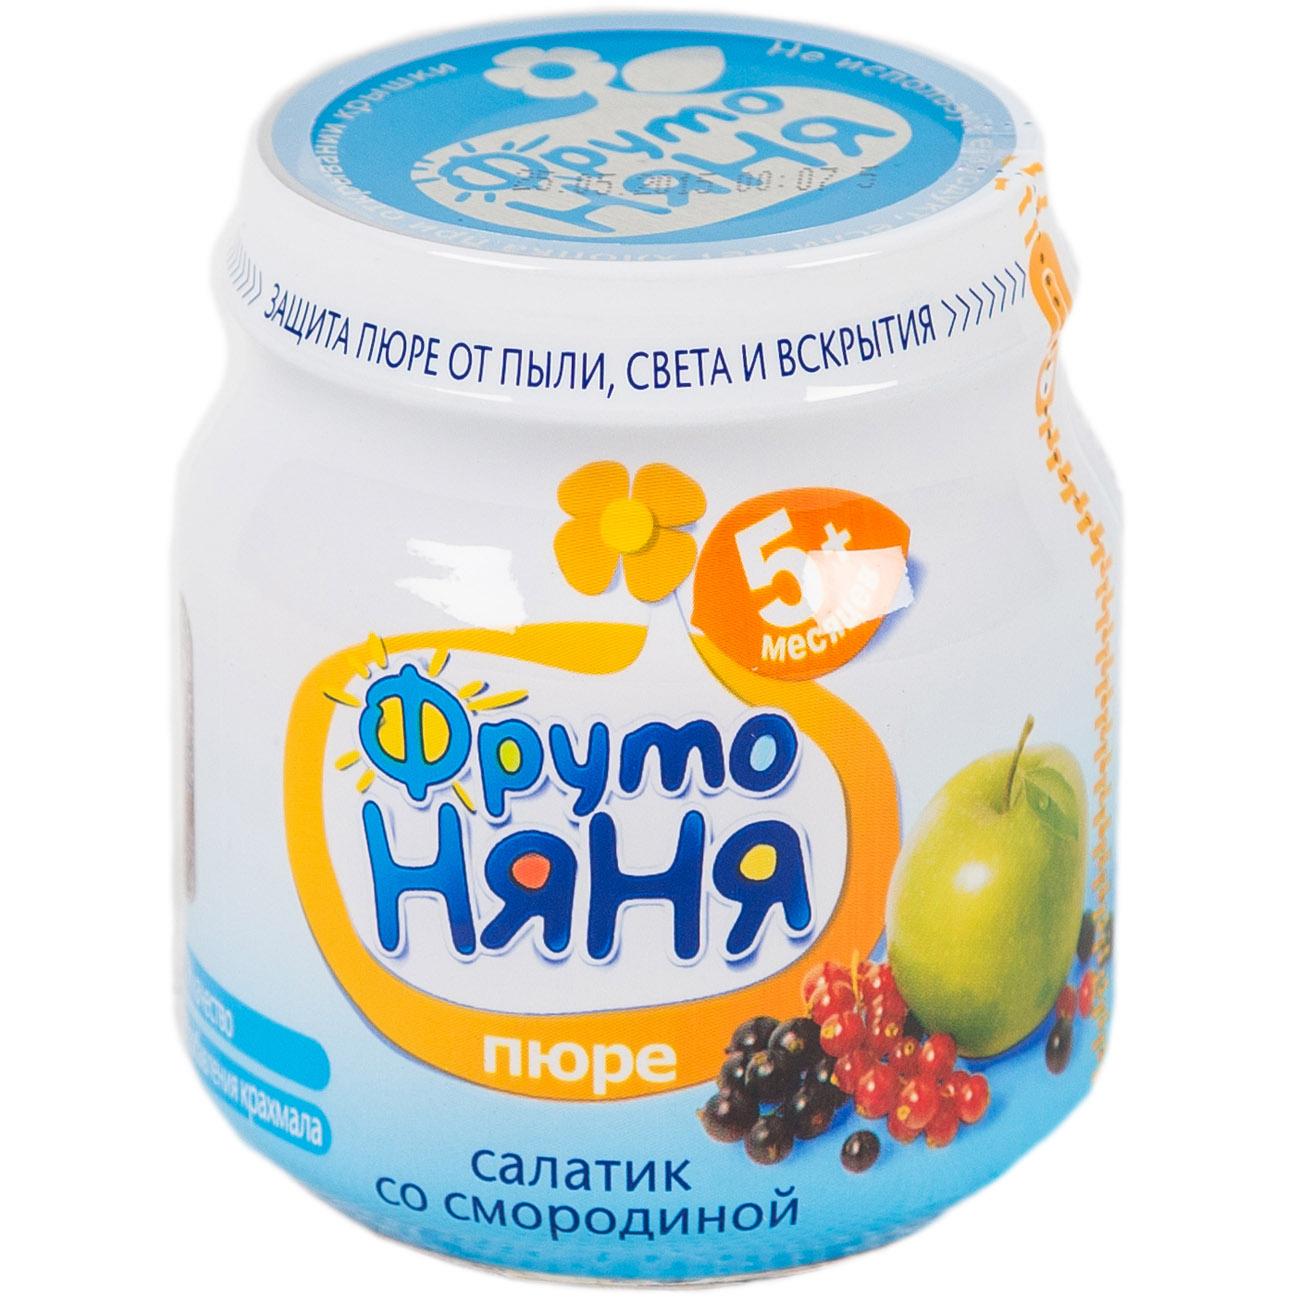 Пюре Фрутоняня фруктовое 100 гр Салатик со смородиной (с 5 мес)<br>